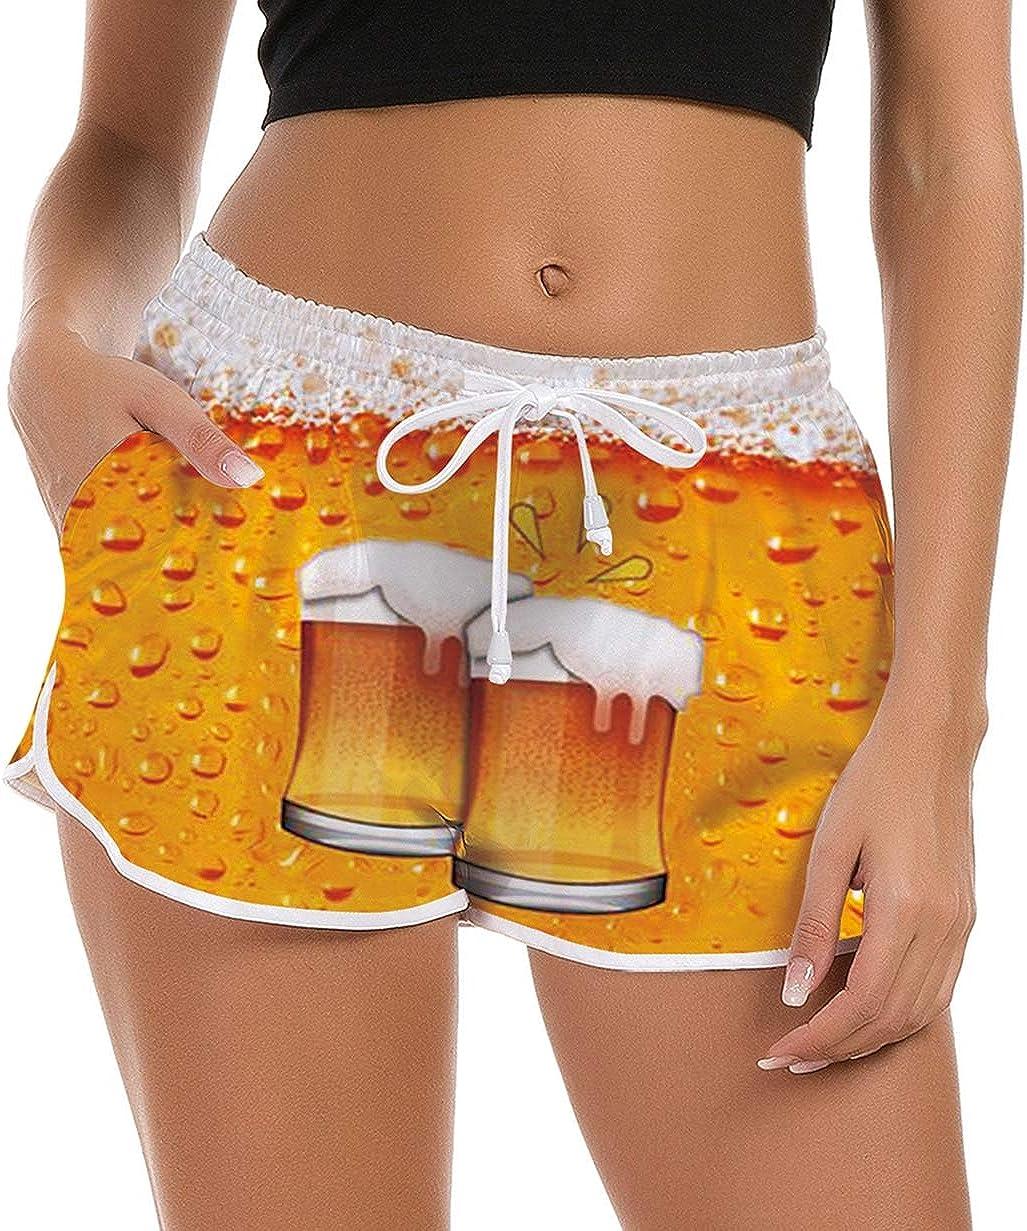 Fanient Shorts Mujer Pantalones Cortos de Nadar Moda Pantalones de Pijama Cortos Mujer Traje de ba/ño de Verano Gimnasio Entrenamiento Pantalones Deportivos con cord/ón Ajustable Pantalones de Yoga